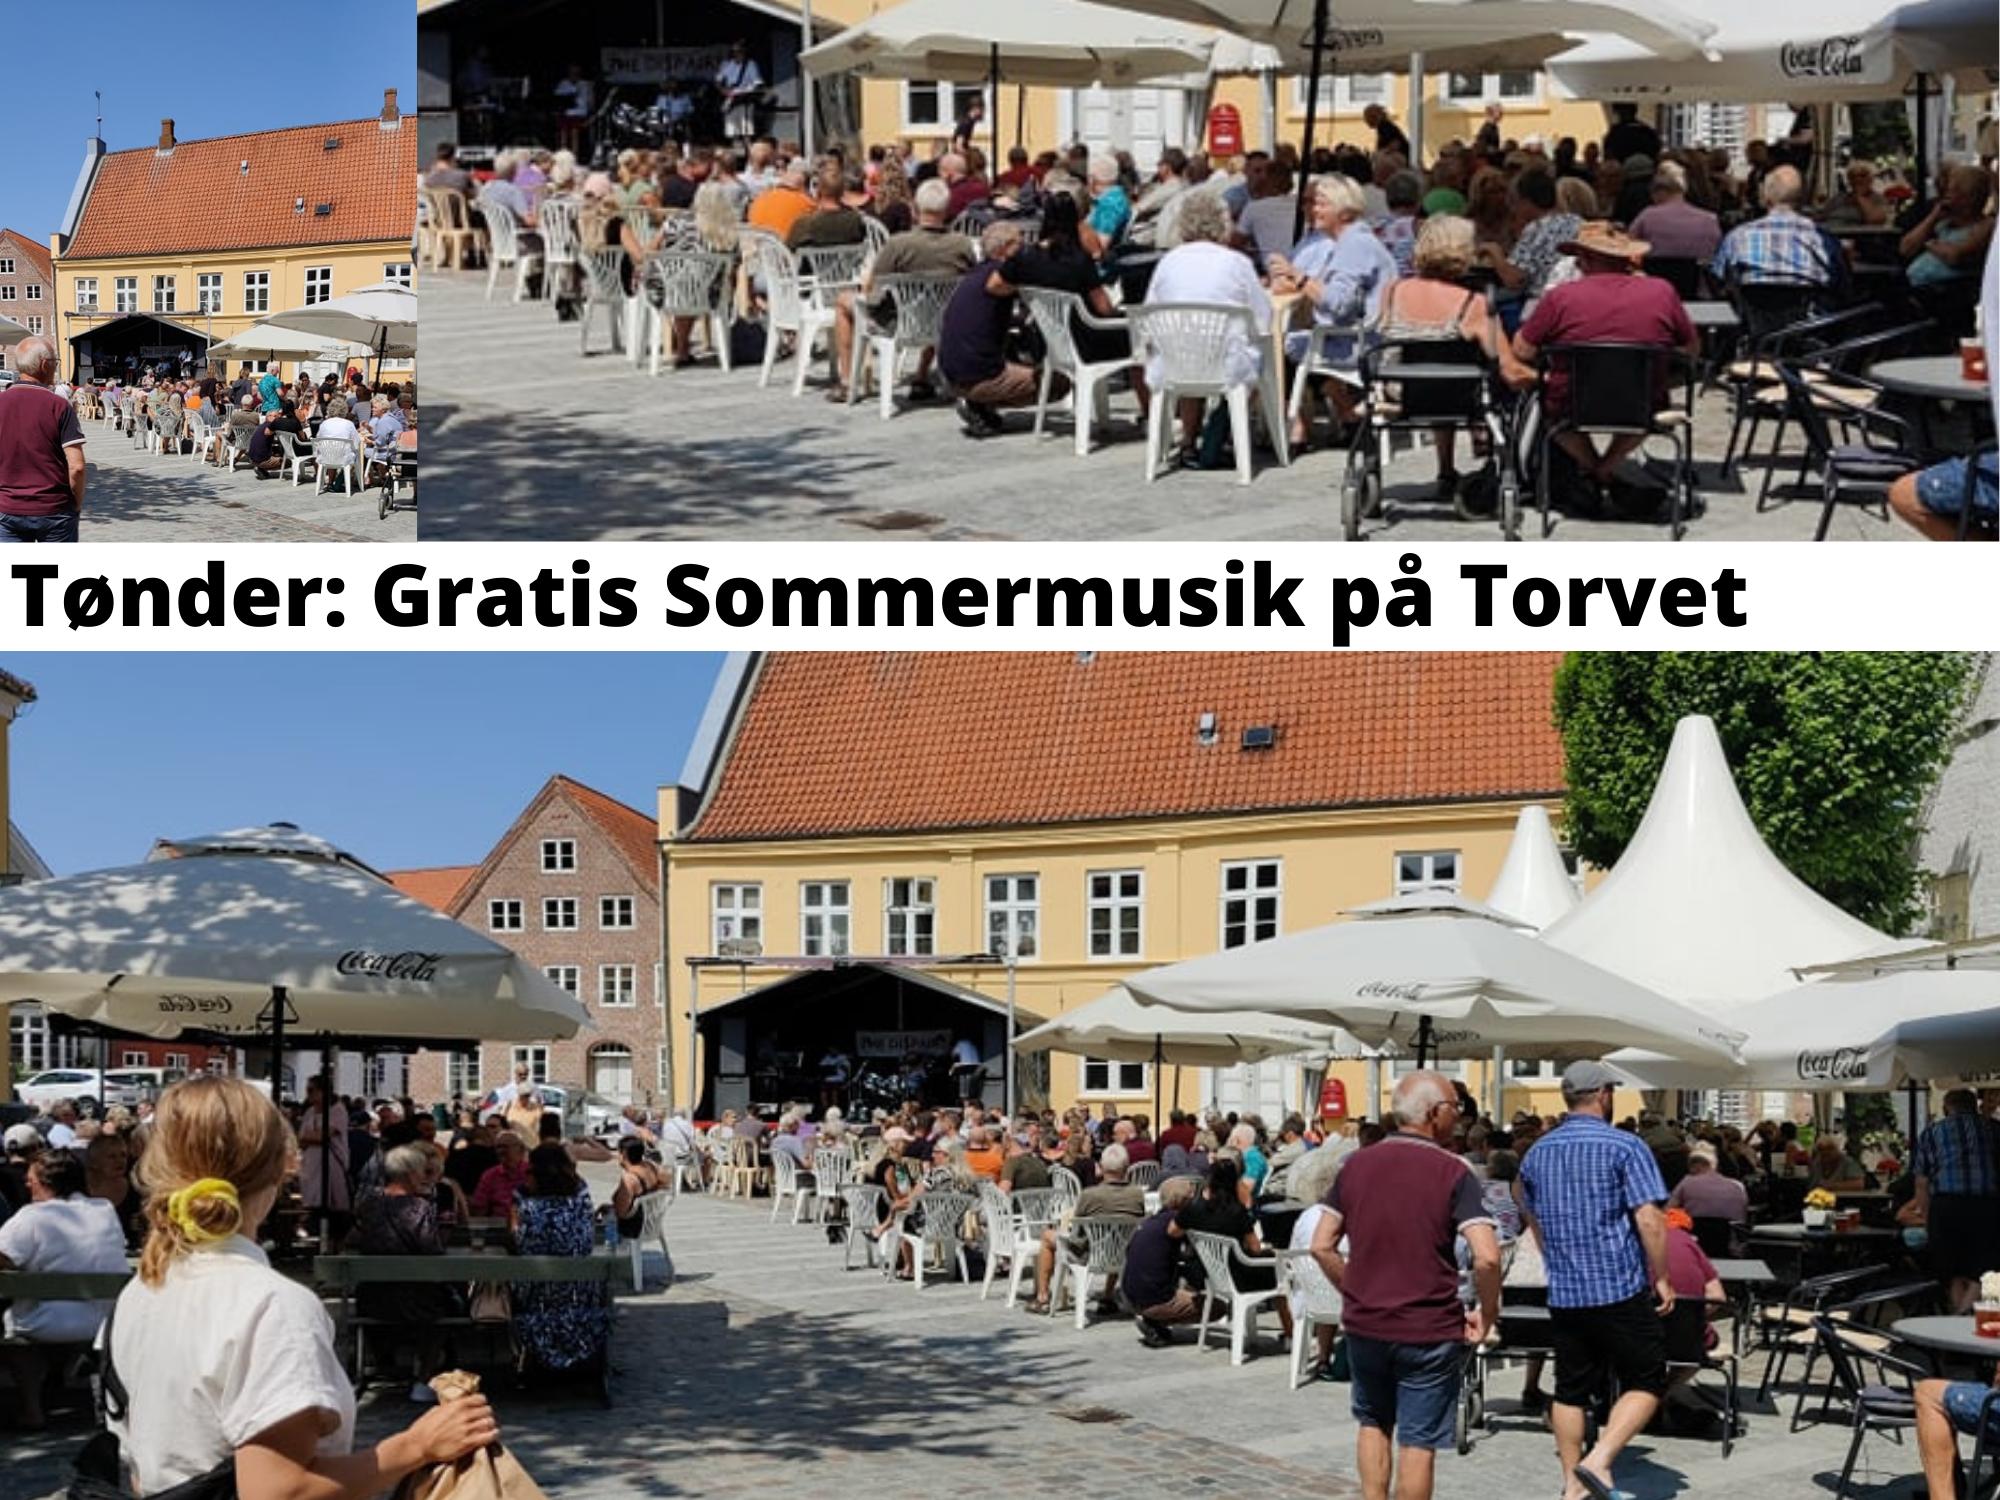 Oplev Gratis Sommermusik på Torvet i Tønder